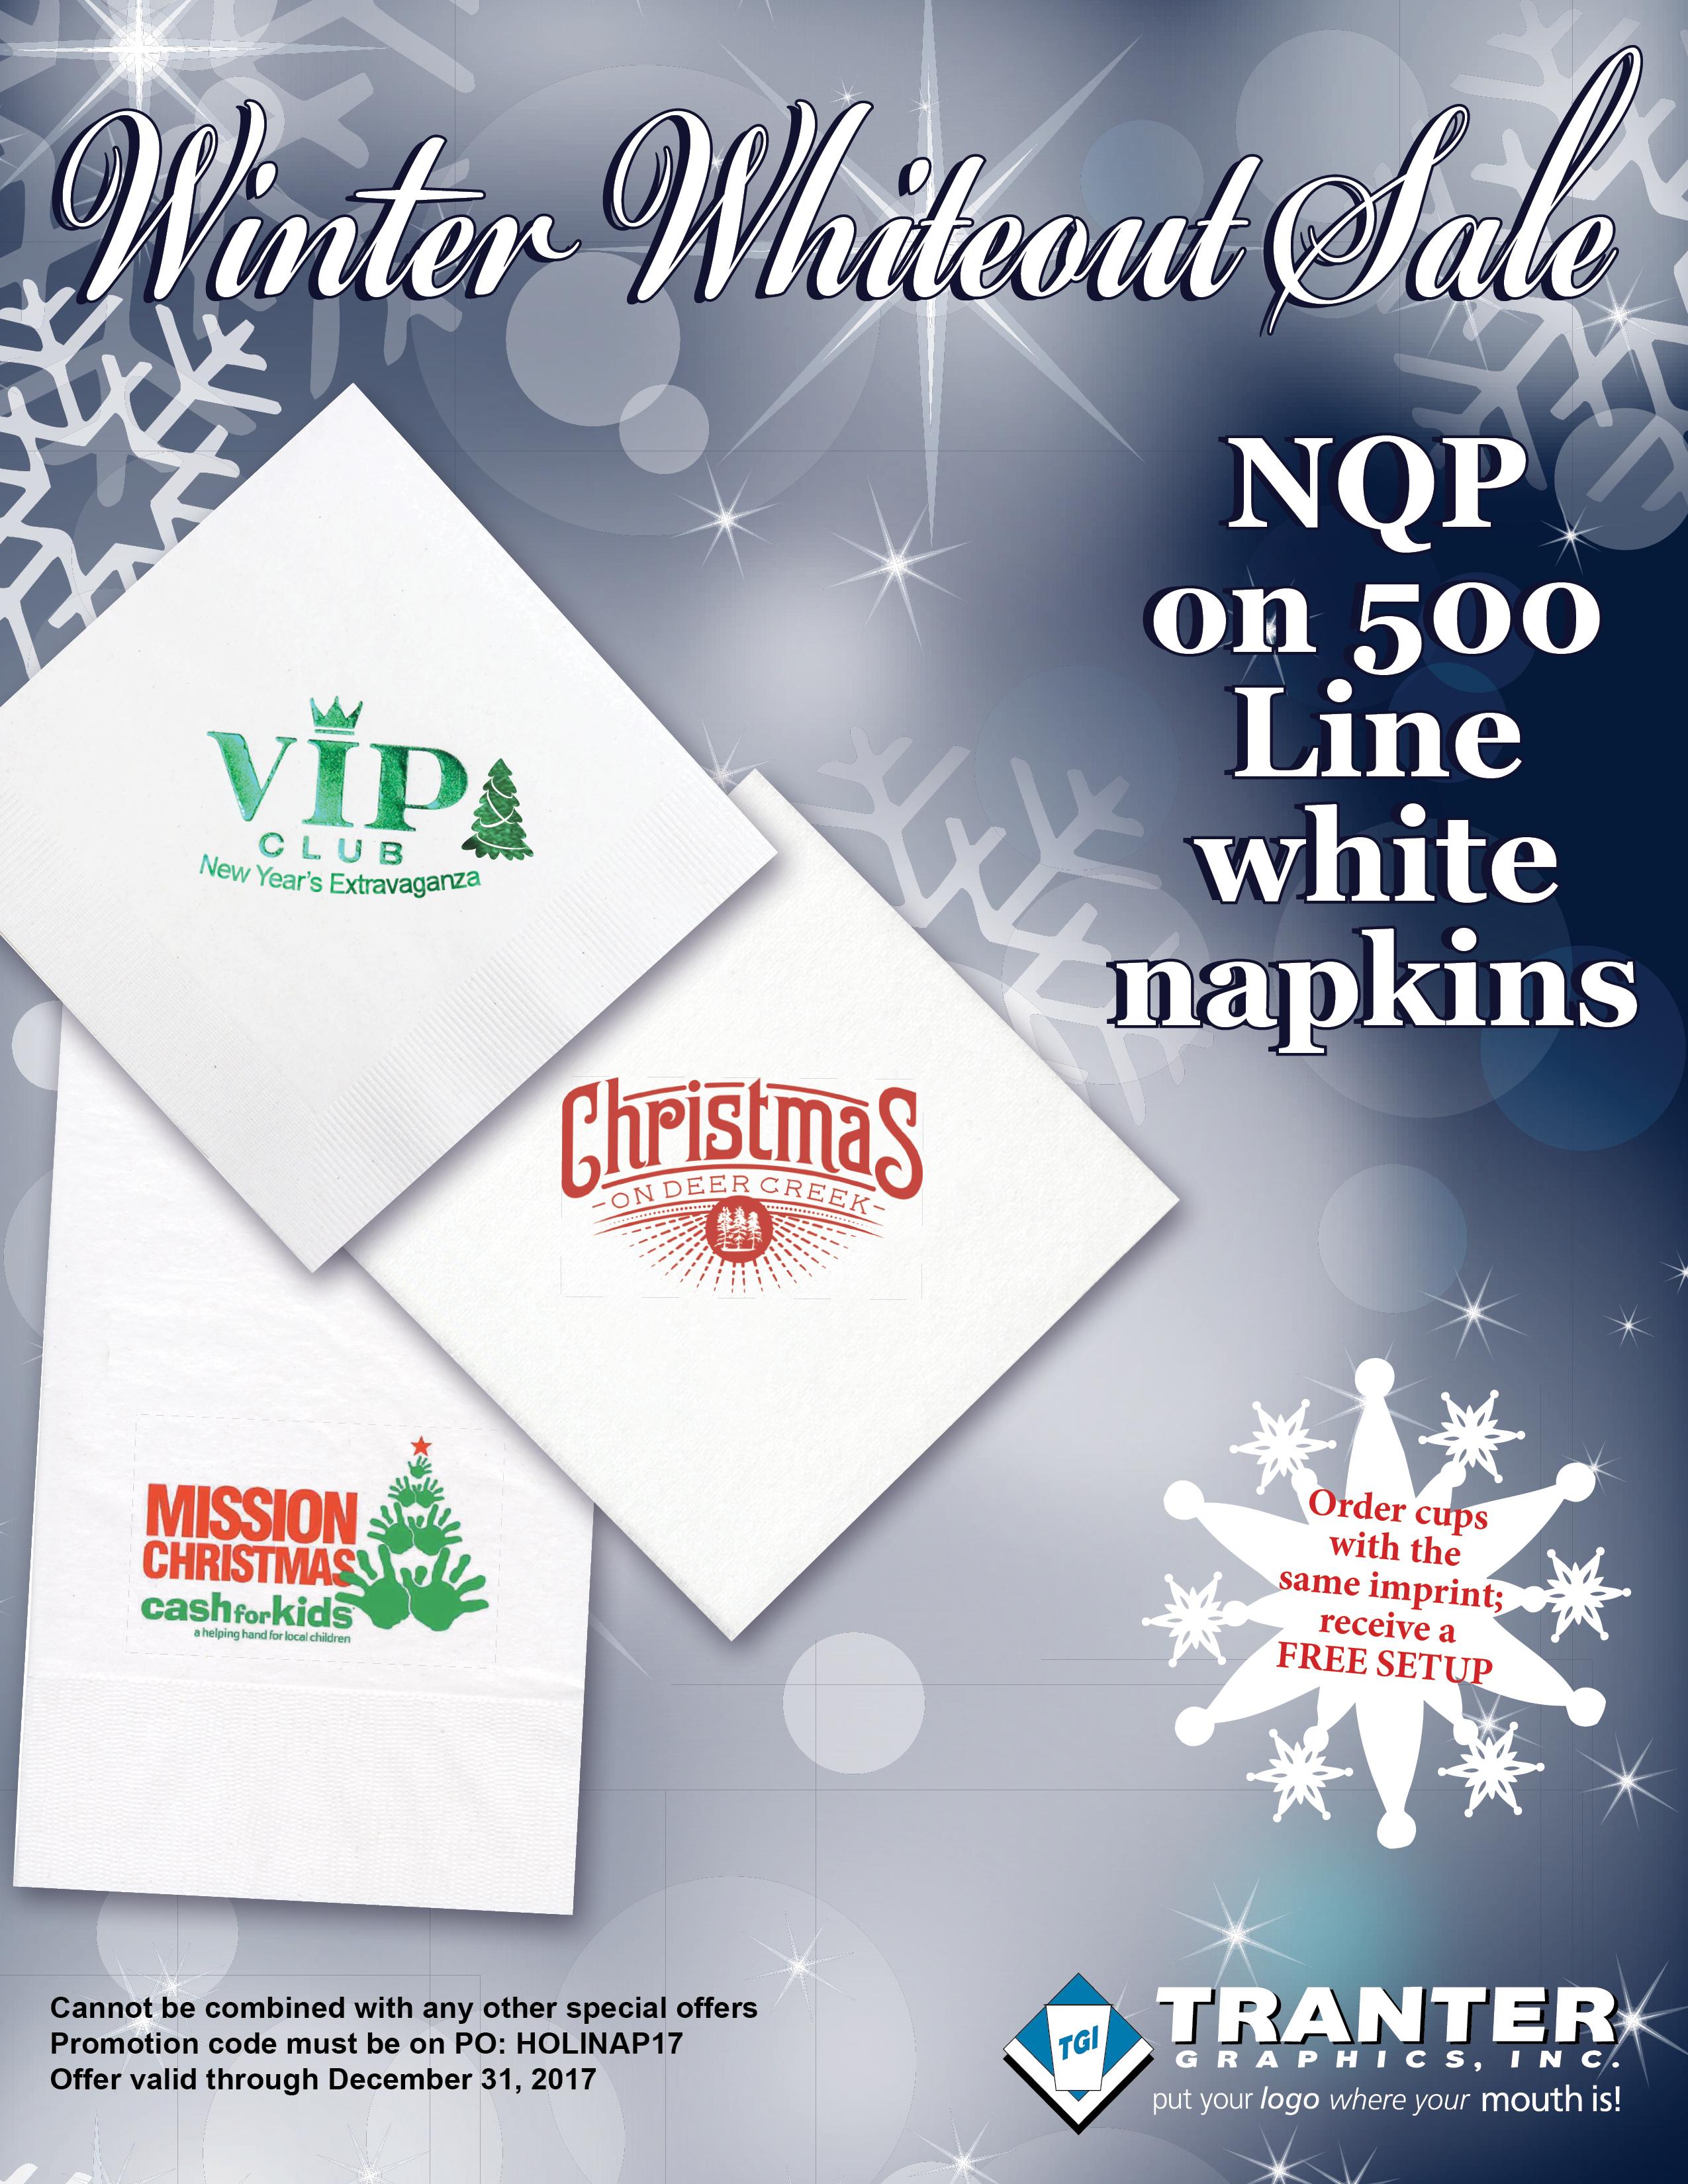 Holiday Specials Thumbnail